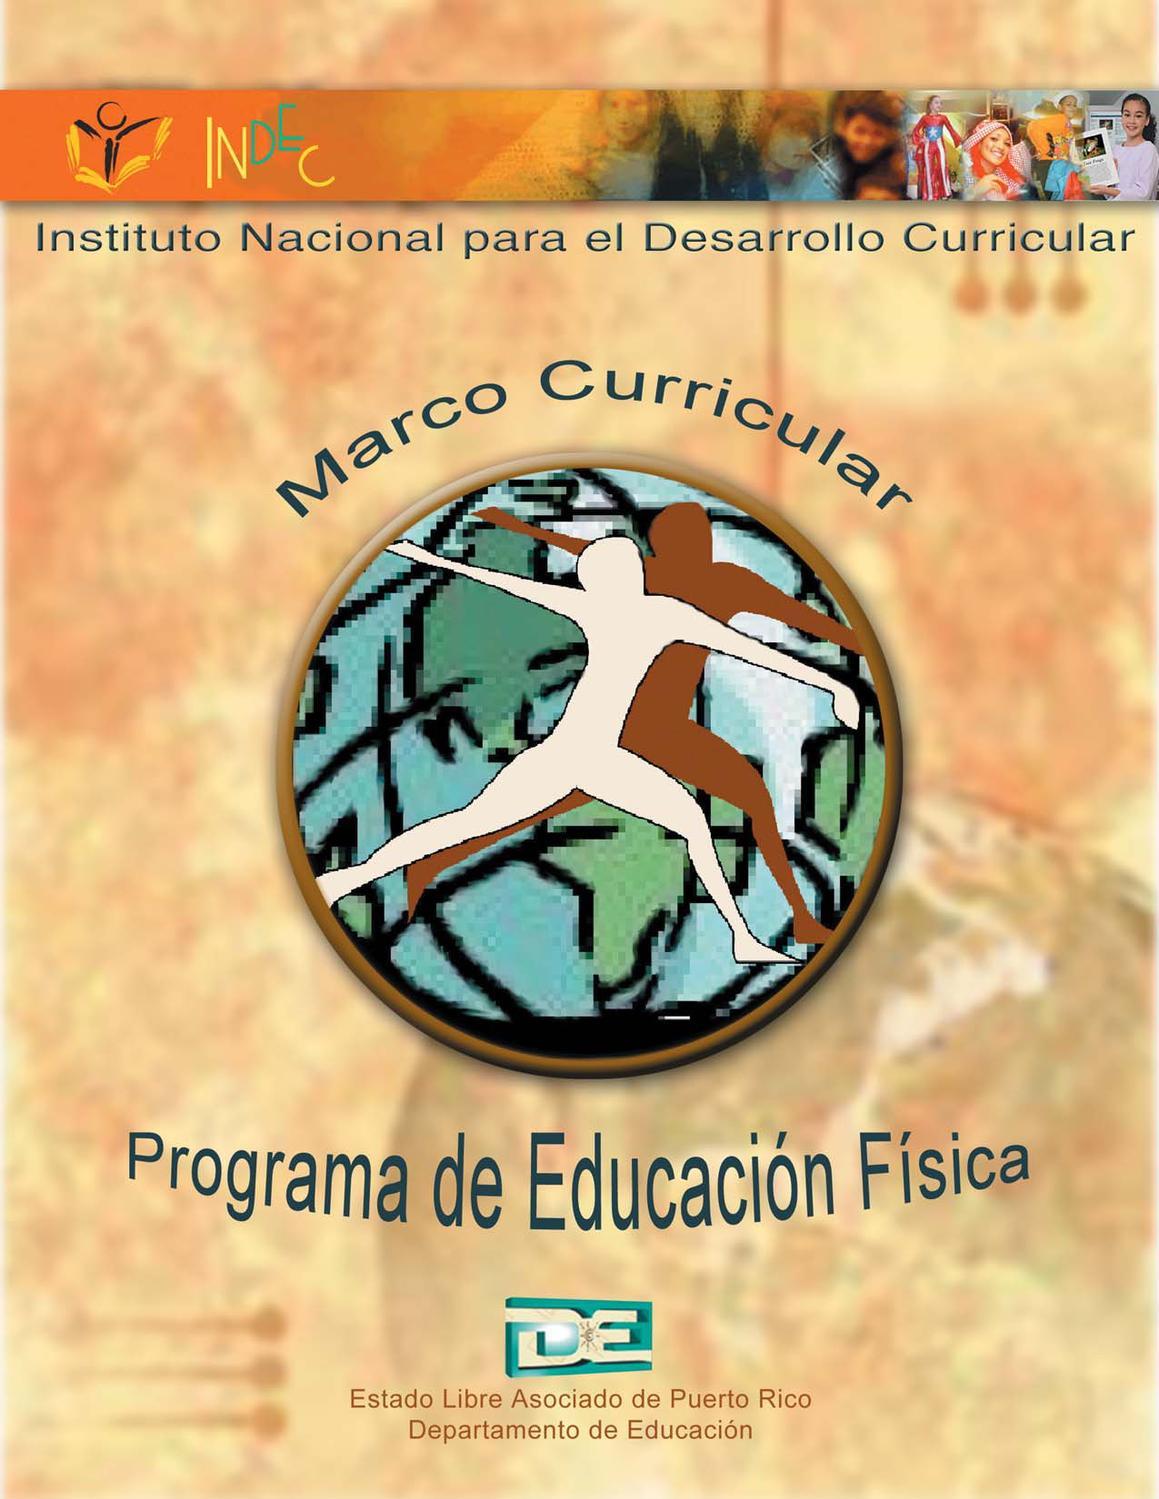 Programa de Educacion Fisica en Puerto Rico by Pierinna Torres - issuu